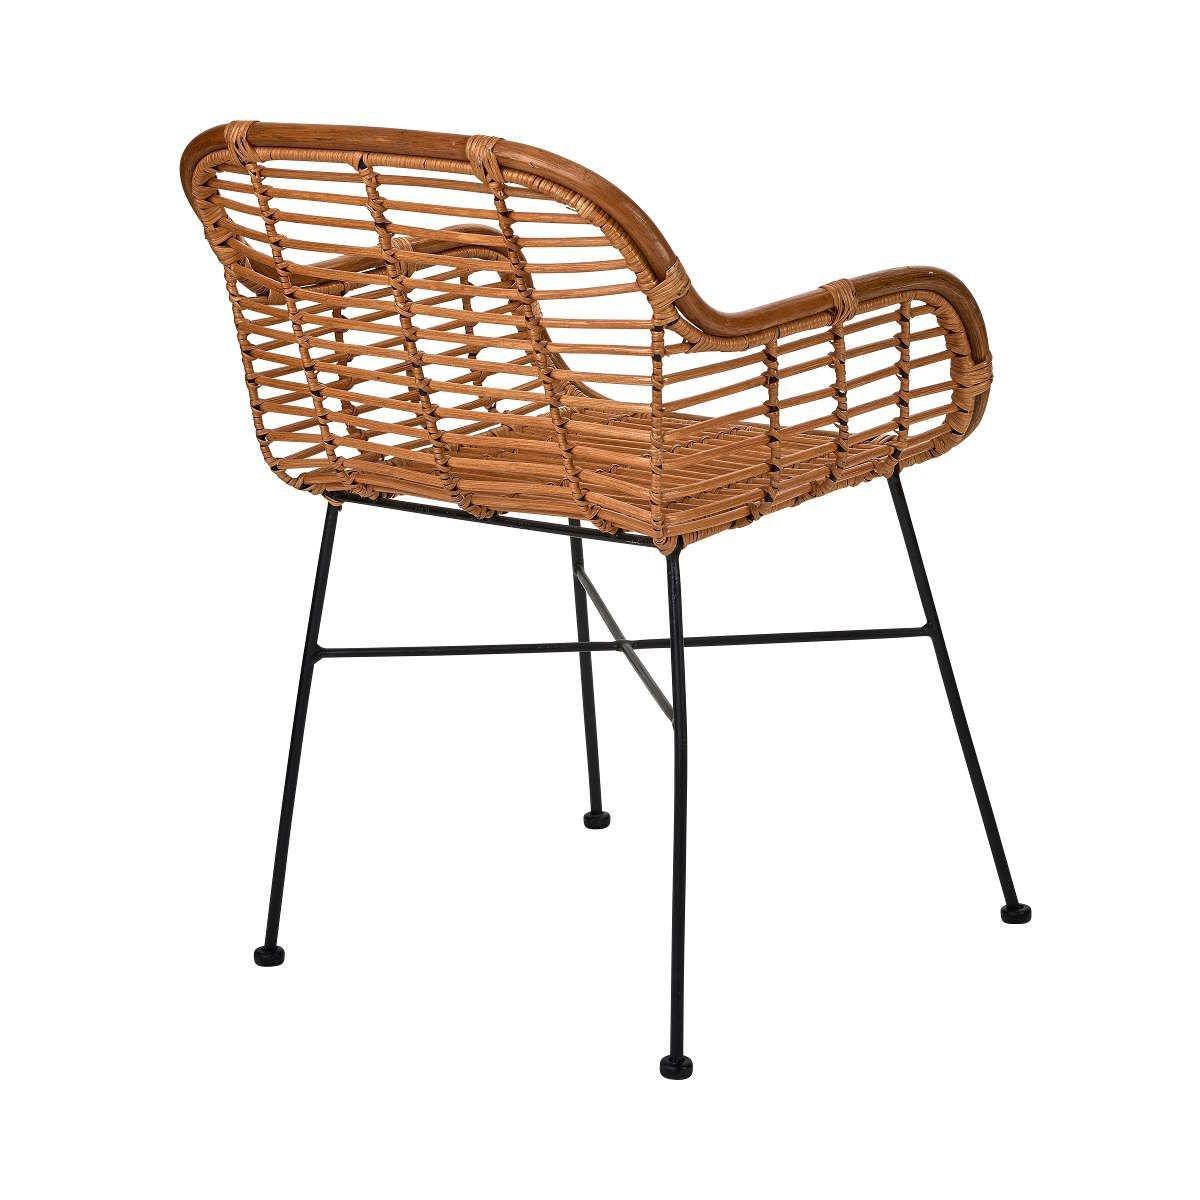 Bild 4 von Rattan-Sessel mit Armlehnen